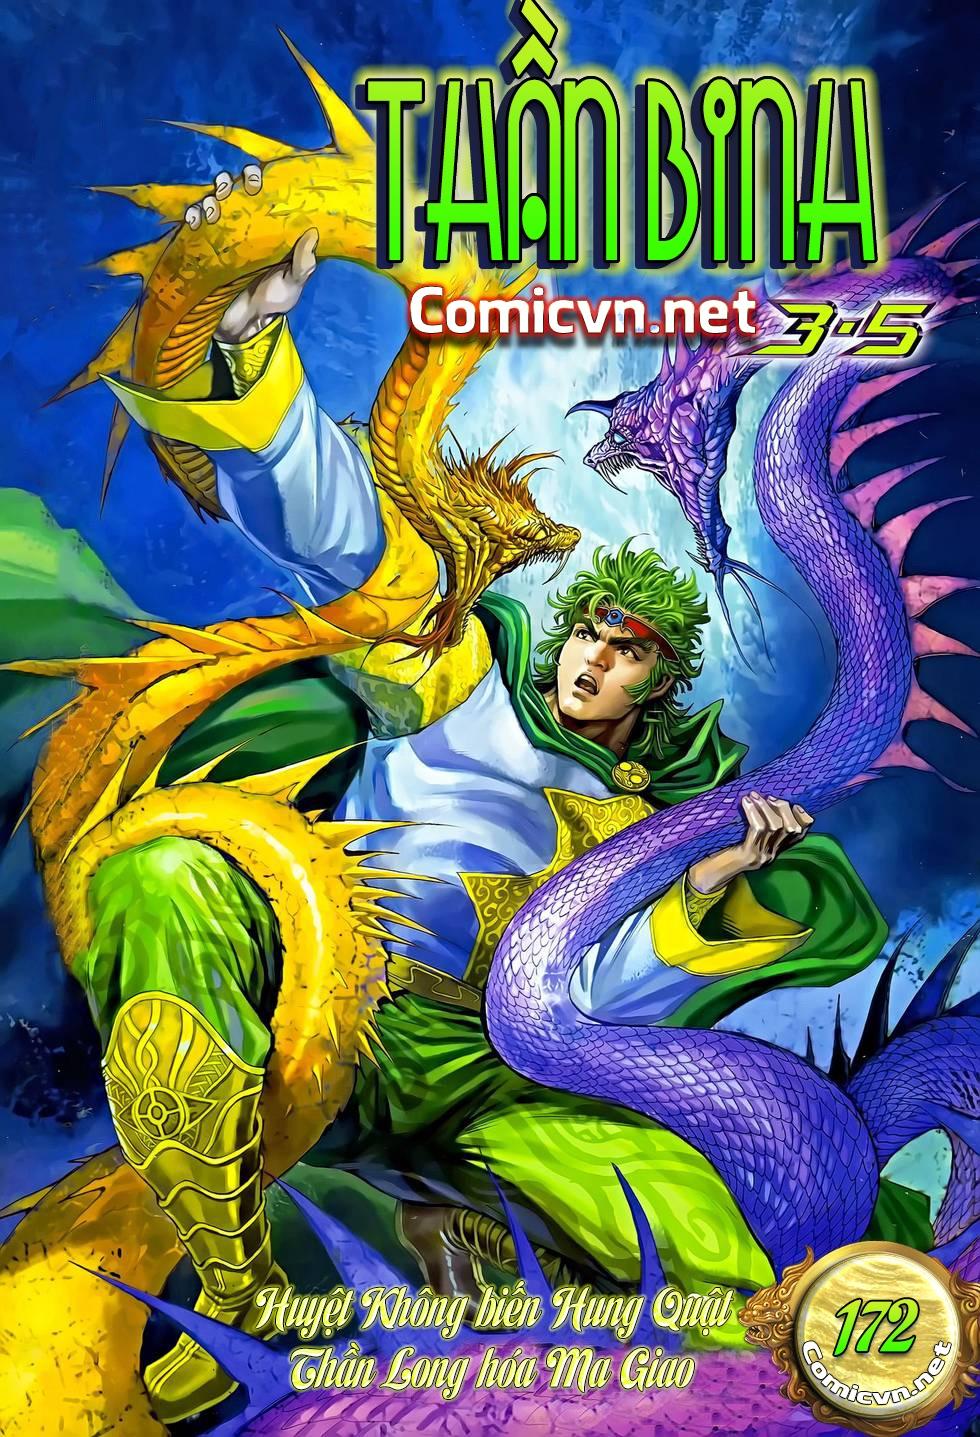 Thần binh huyền kỳ 3 - 3.5 tập 172 - 1